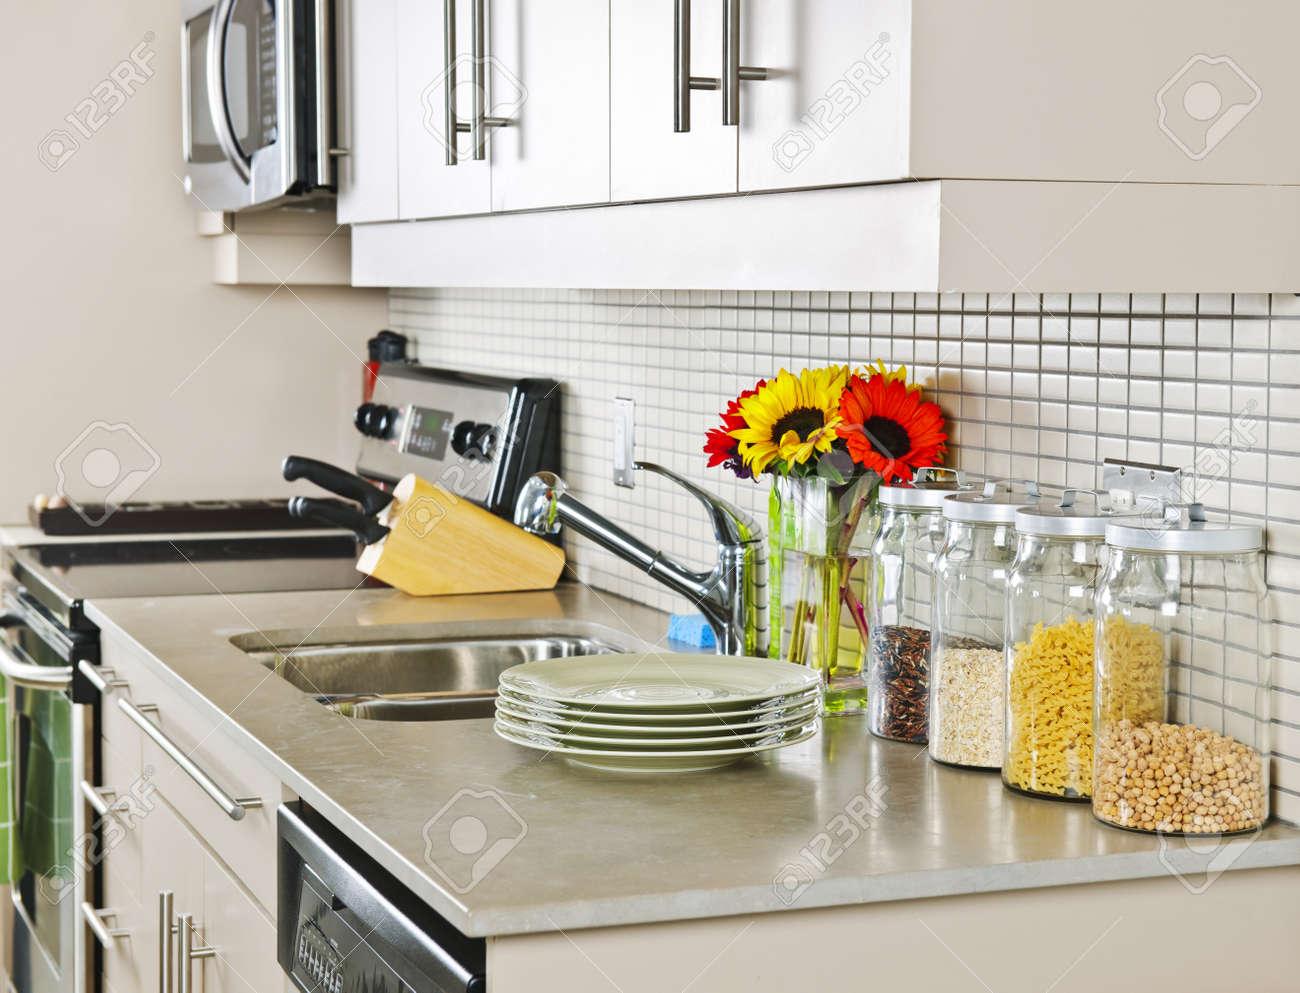 Moderne Kleine Küche Interieur Mit Natürlichen Stein-Arbeitsplatte ...